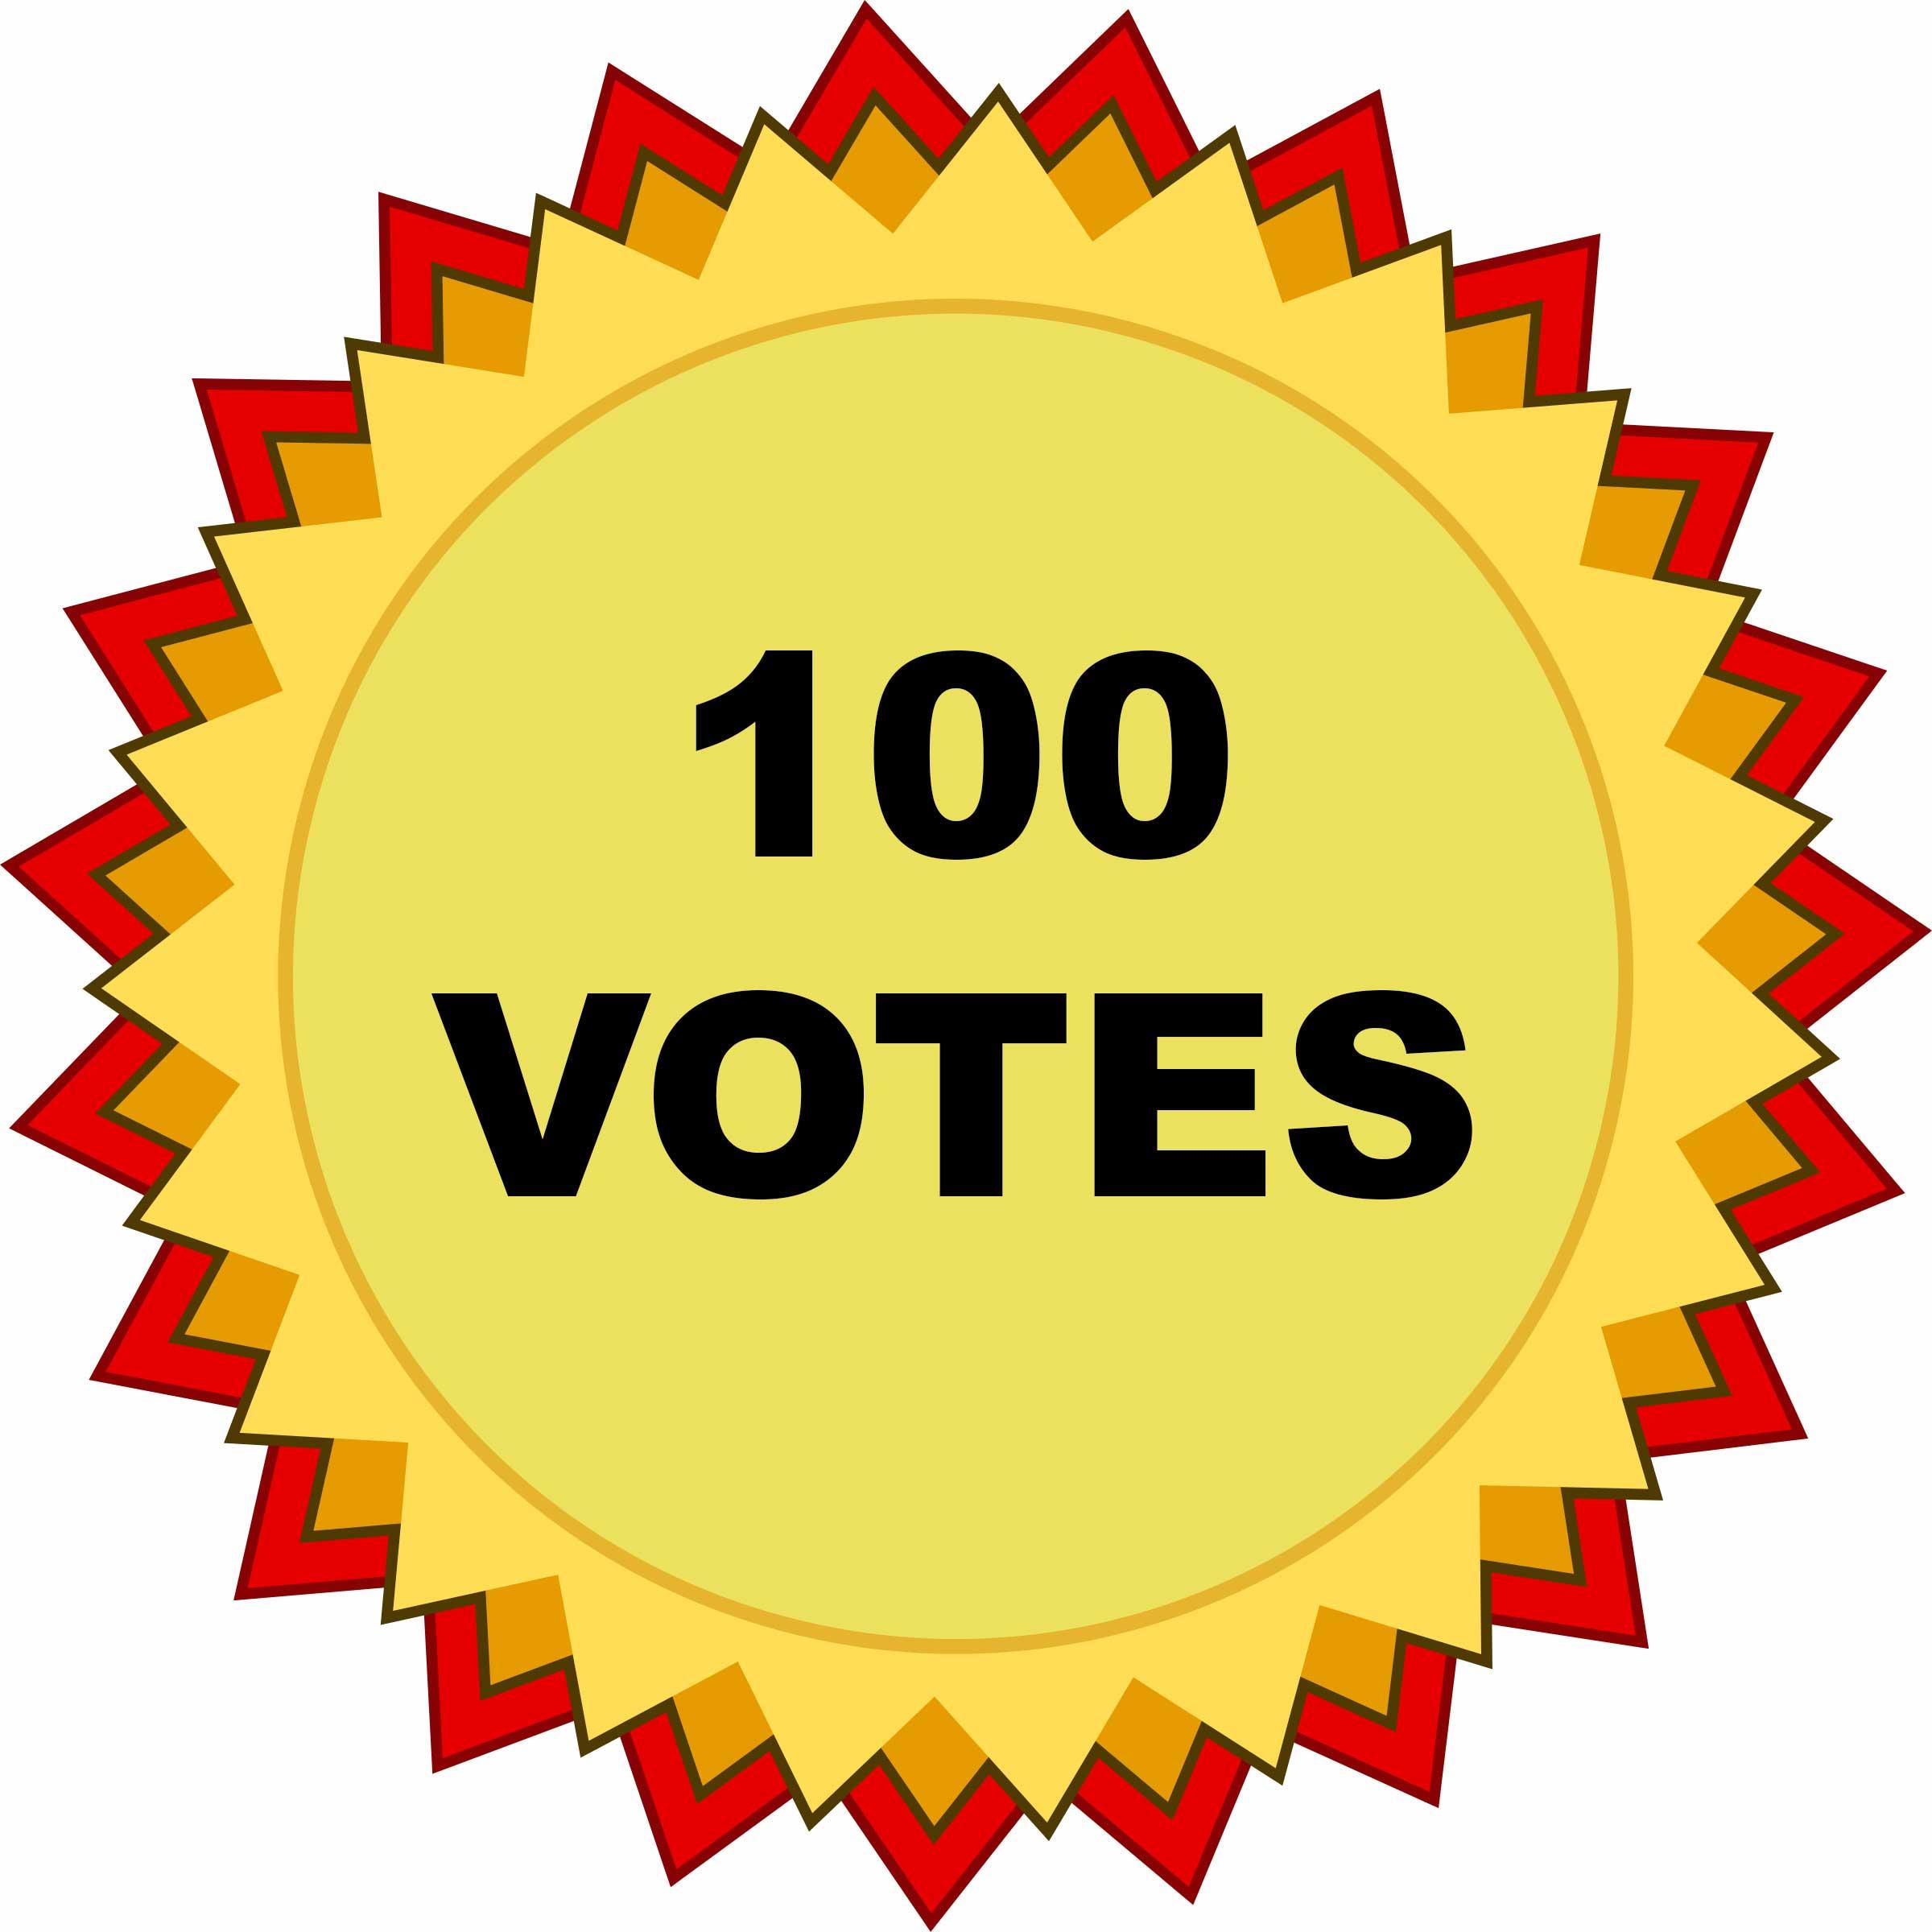 100 VOTES